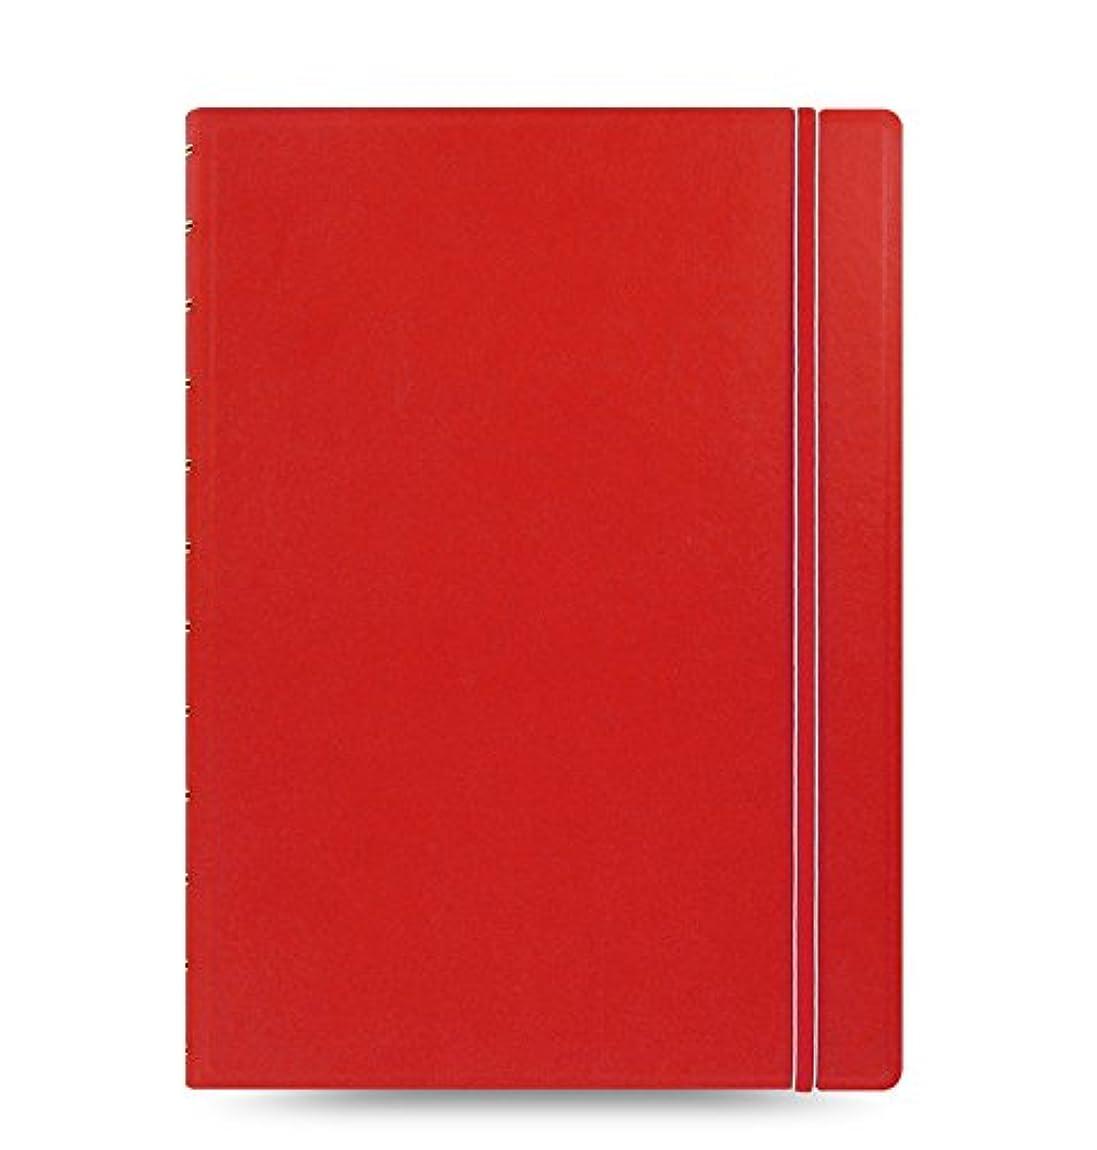 グレード修士号弾丸ファイロファックス ノートブック NoteBooks A4 Red ノートブック 115023 filofax